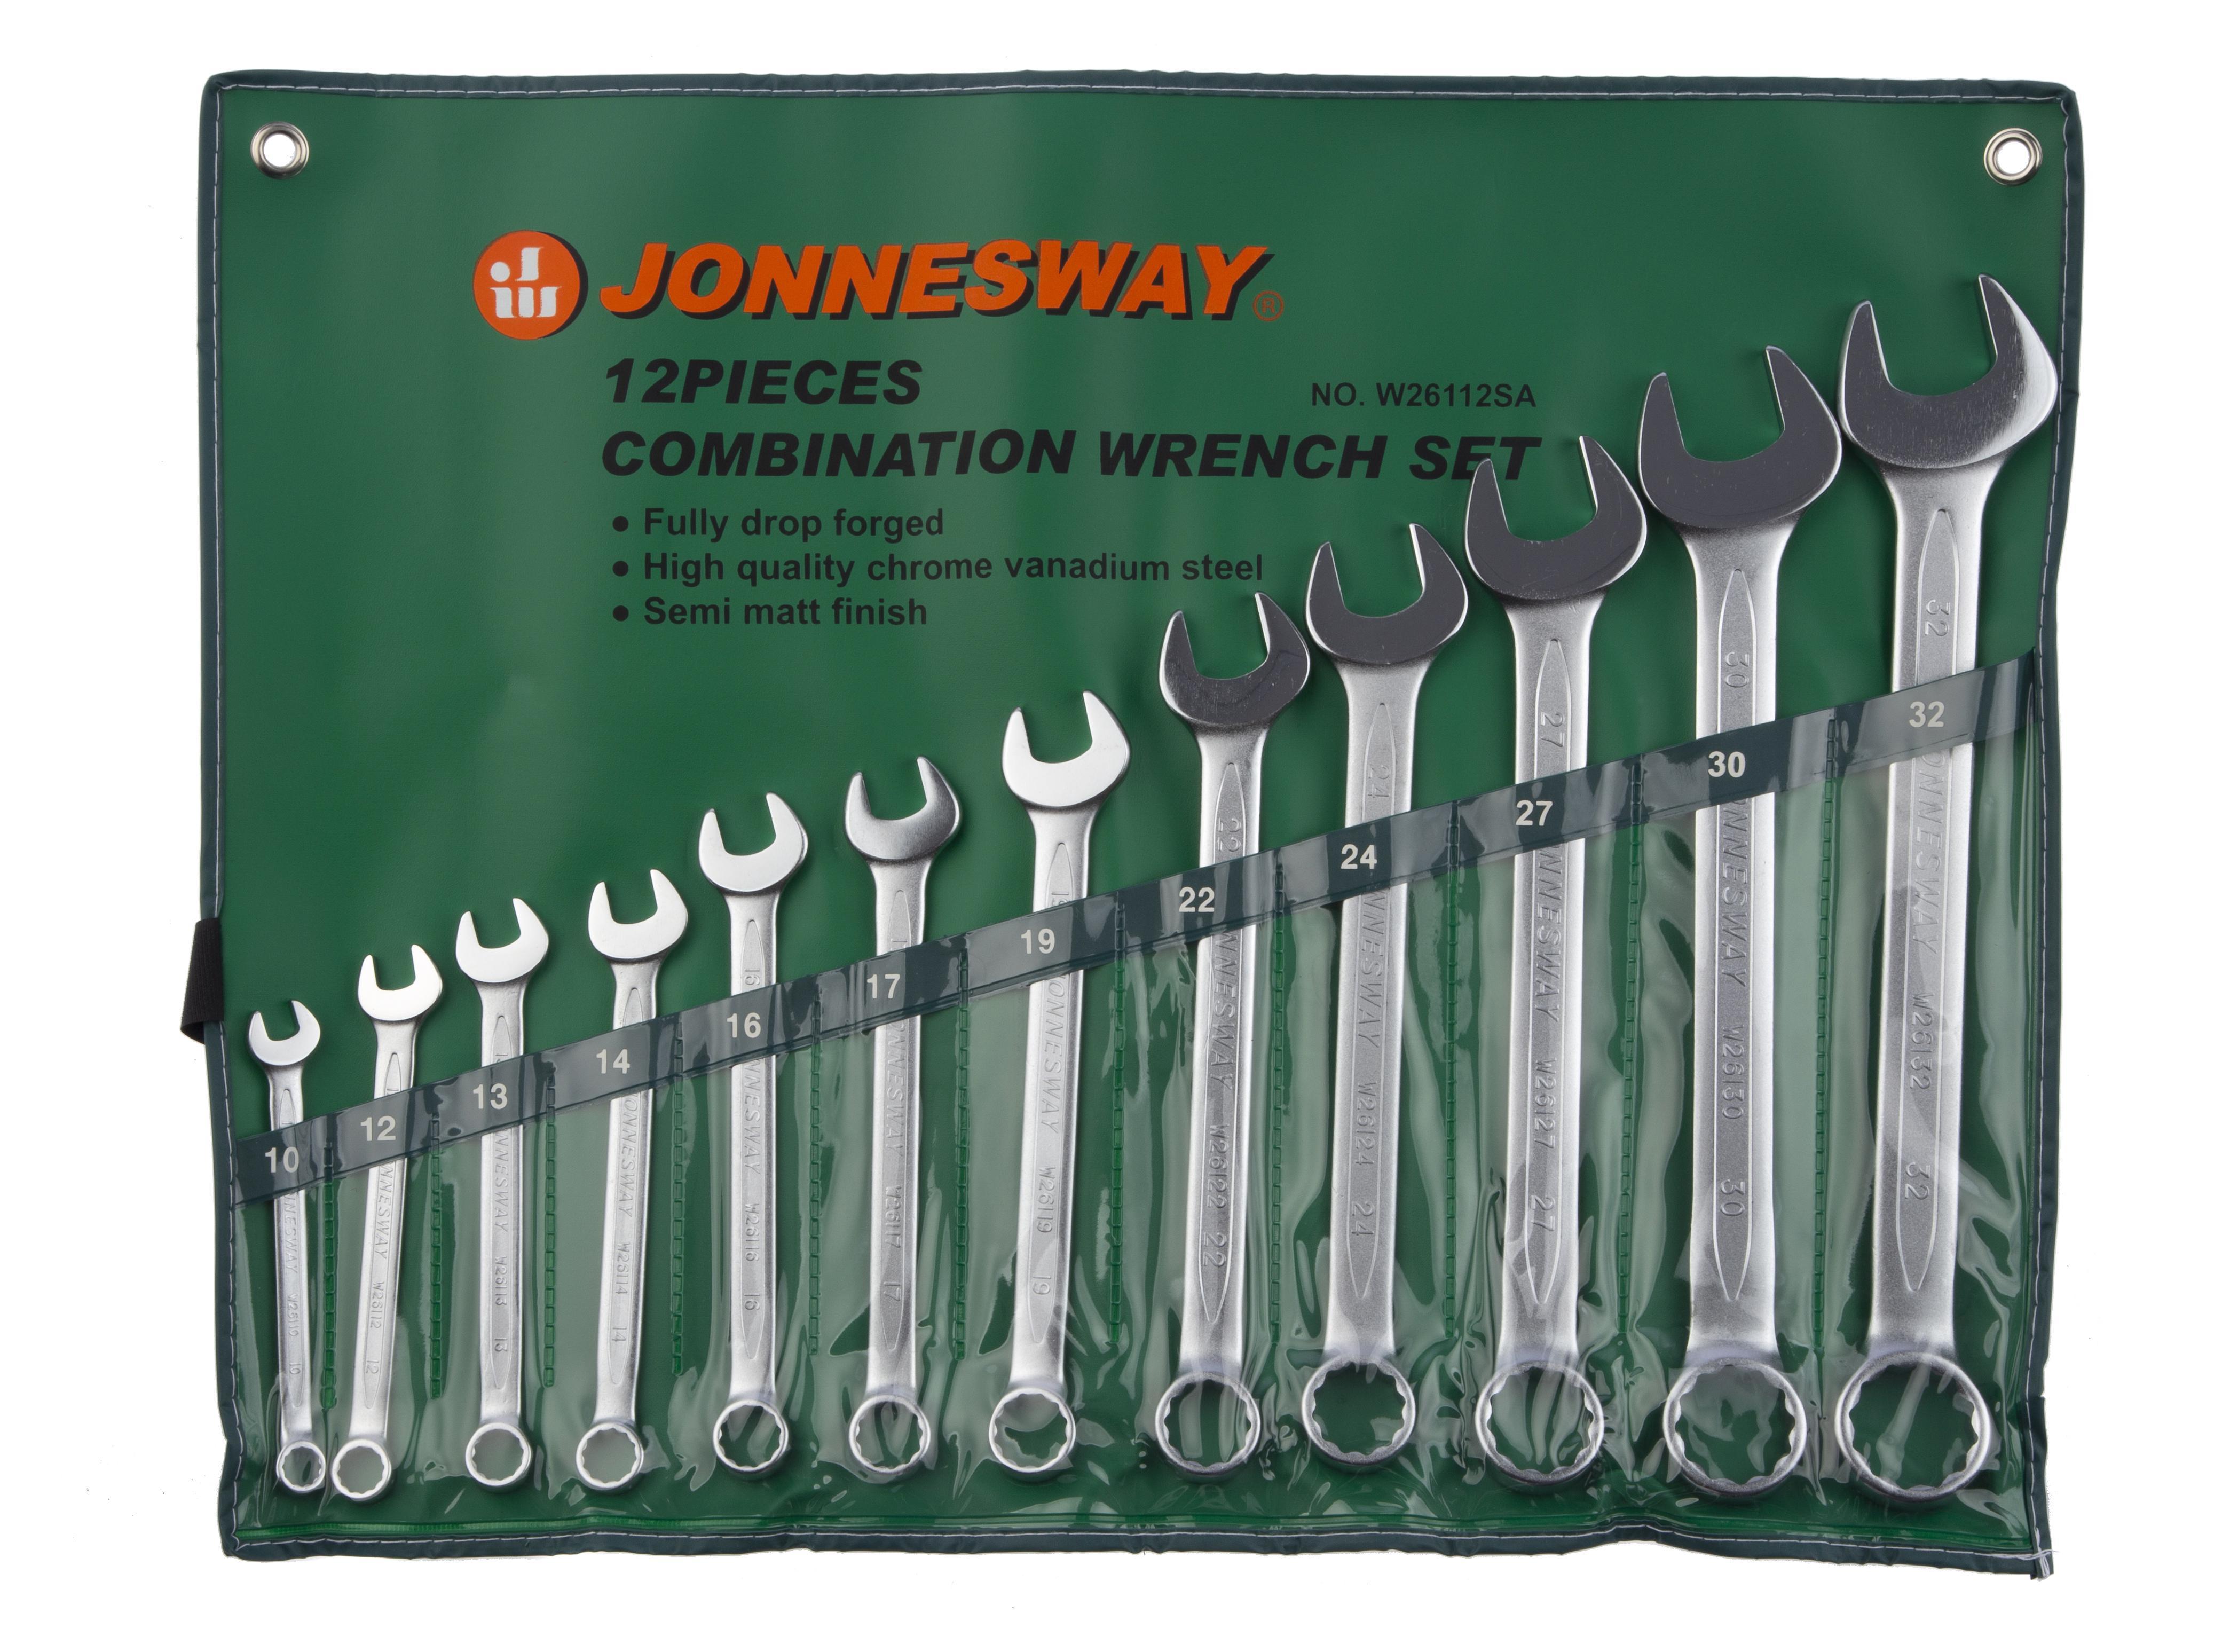 Набор комбинированных гаечных ключей в чехле, 12 шт. Jonnesway W26112sa (10 - 32 мм) набор комбинированных ключей jonnesway 10 32мм w26114s